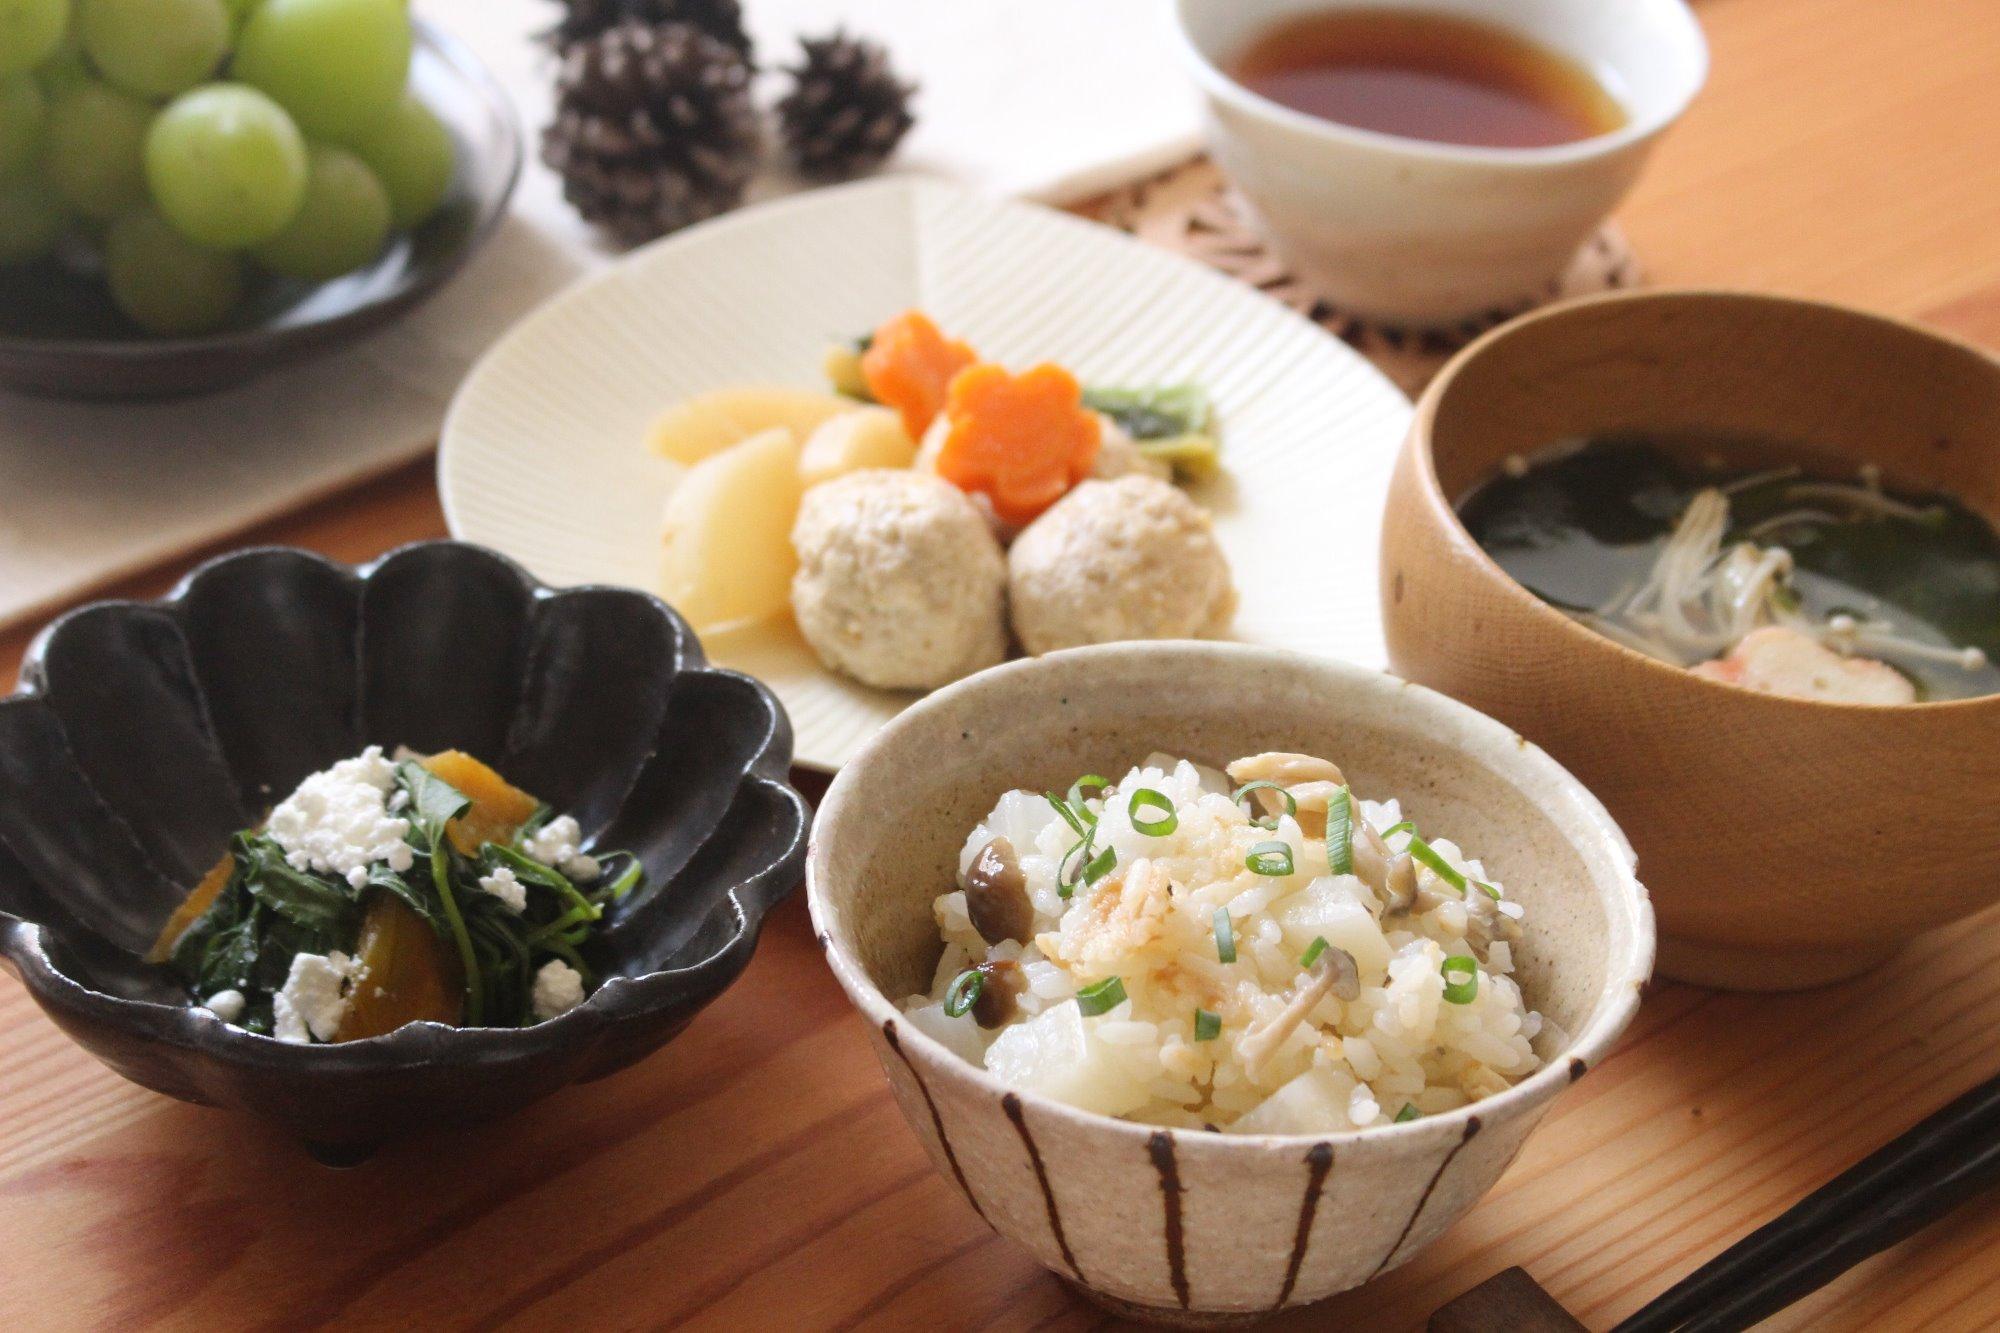 【HDC大阪 くらし向上計画】おうちごはんで健康と幸せを守る!秋の味覚の免疫UPごはん講座